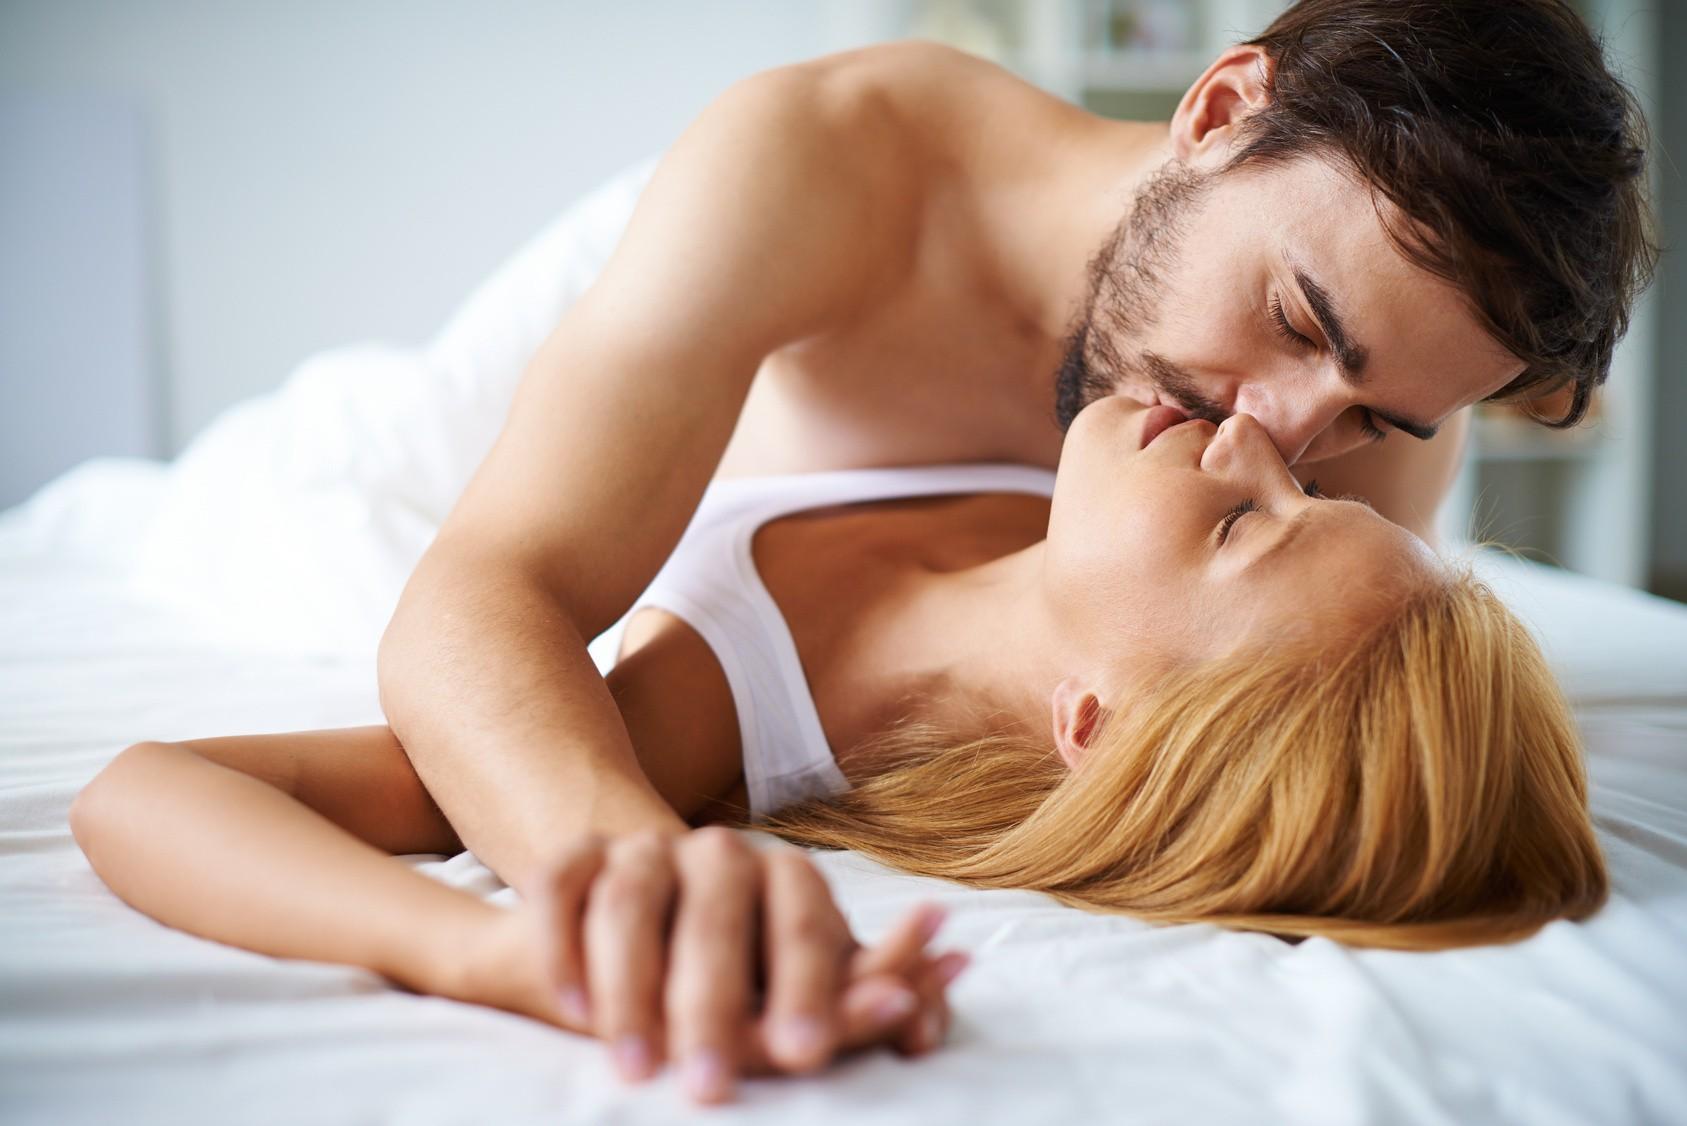 secreto alemán sexo duro en leganés